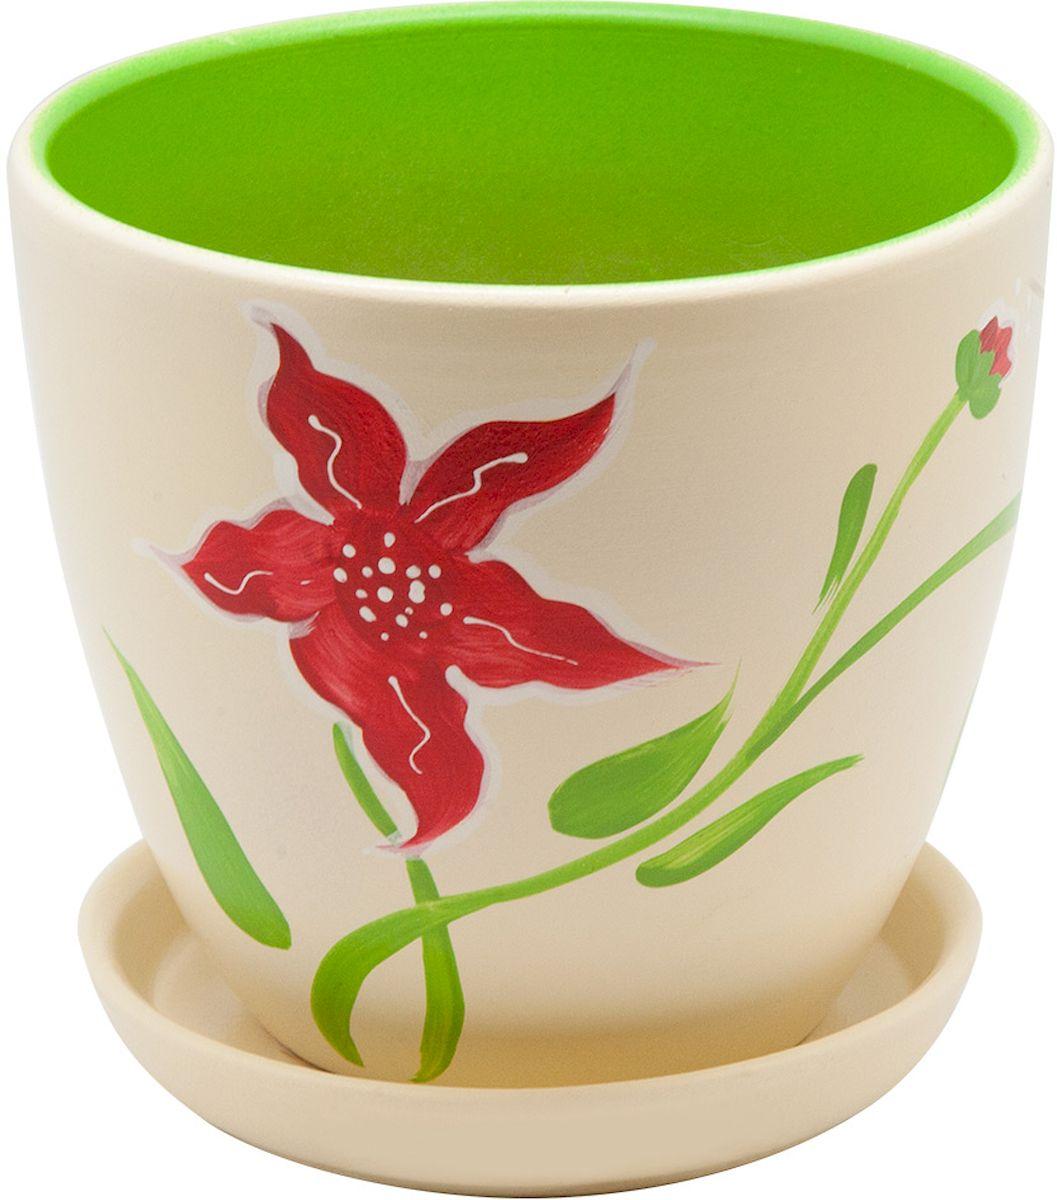 Горшок цветочный Engard, с поддоном, 1,4 л. BH-15-1C0042416Керамический горшок - это идеальное решение для выращивания комнатных растений и создания изысканности в интерьере. Керамический горшок сделан из высококачественной глины в классической форме и оригинальном дизайне.